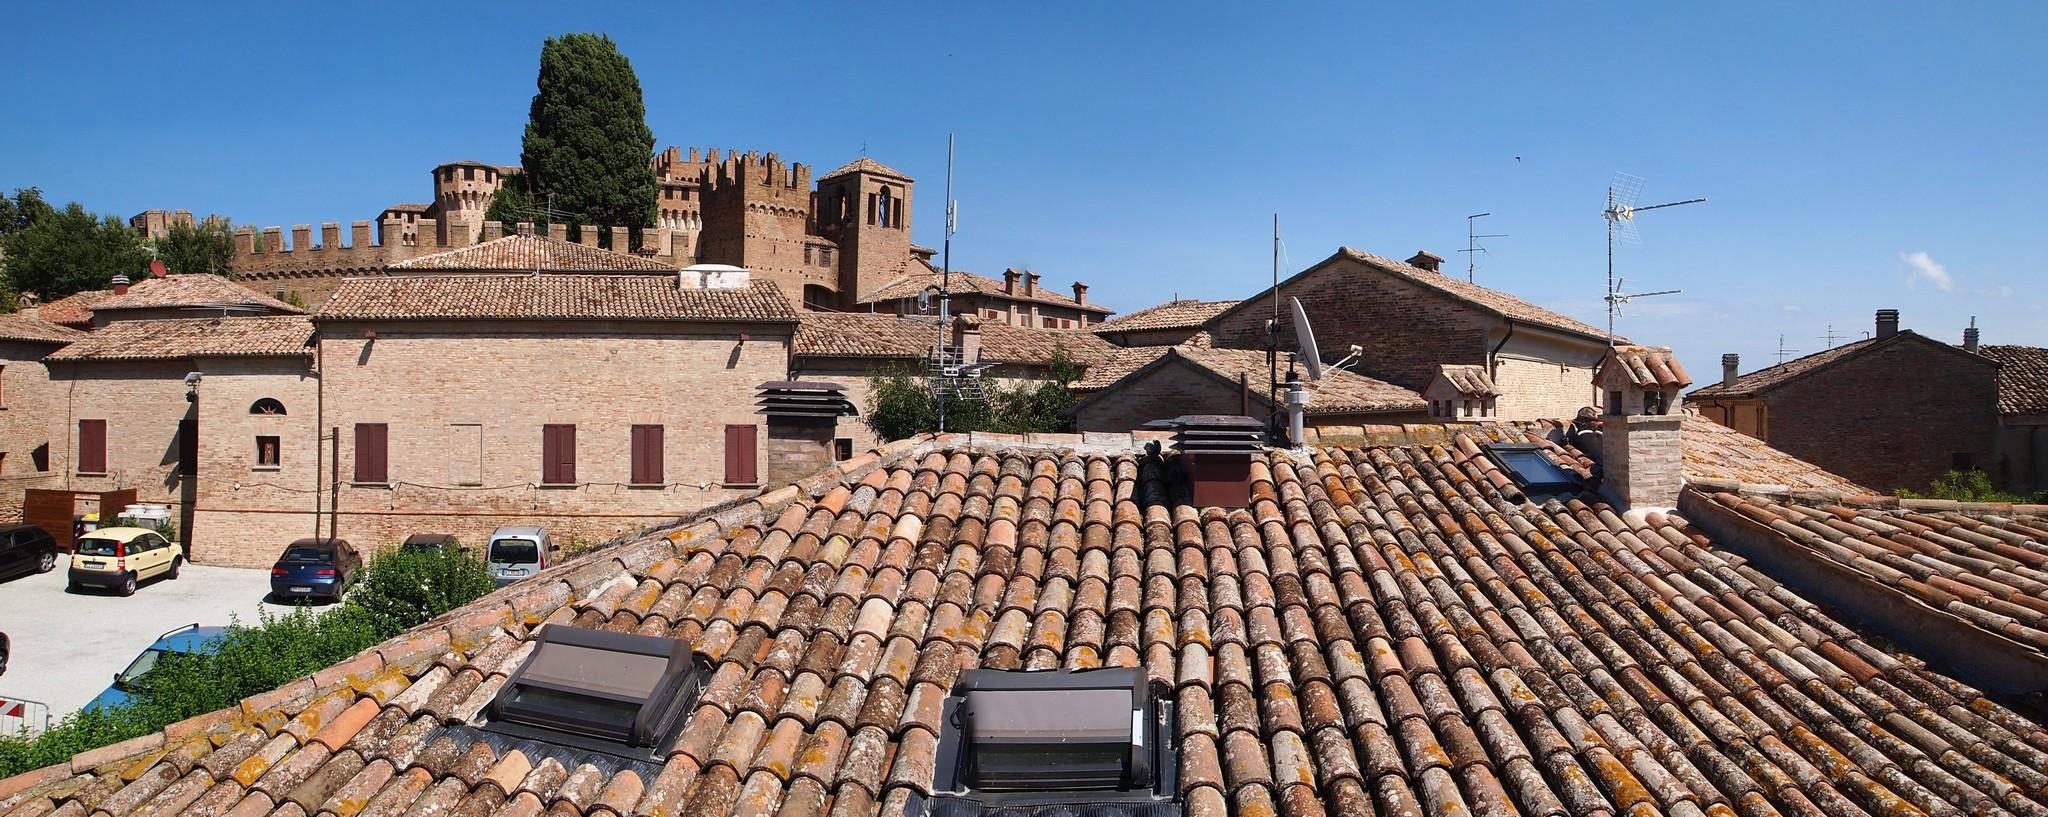 P9018977 Panorama.jpg